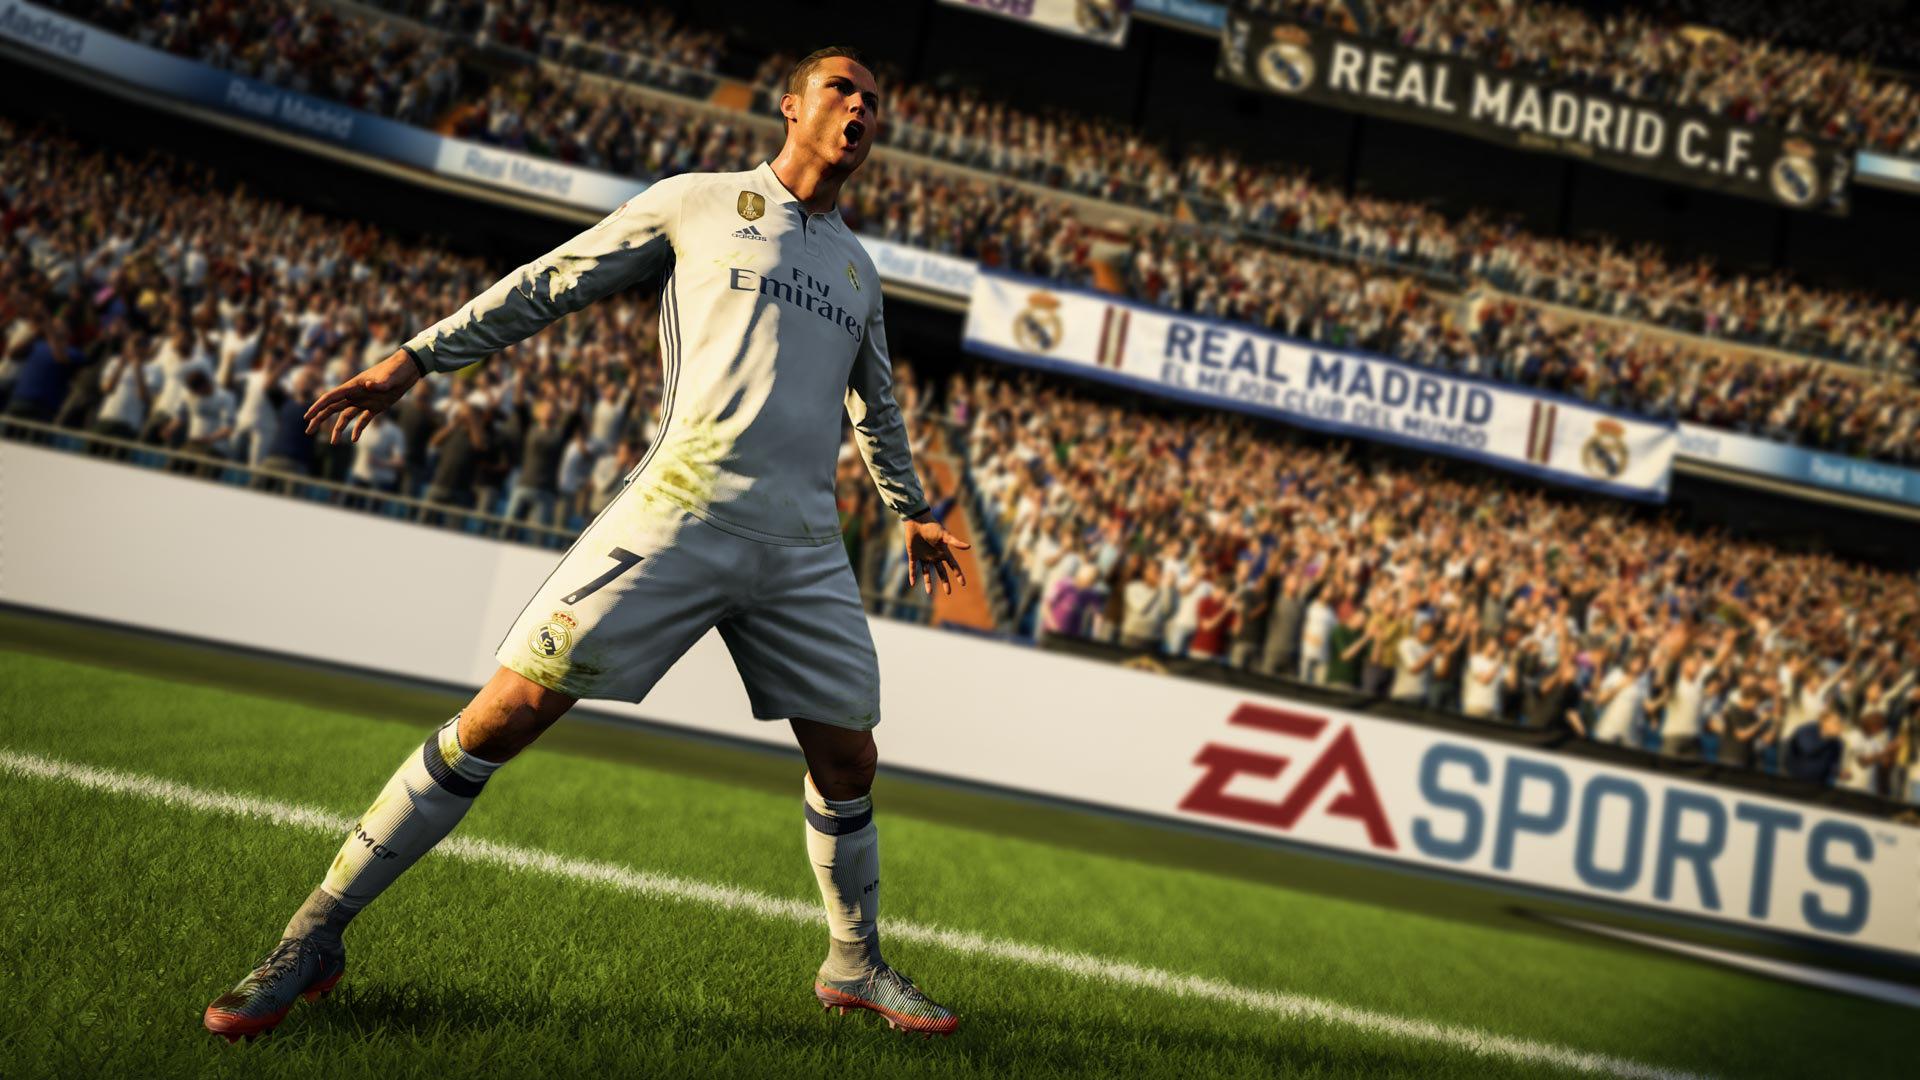 ea-sports-fifa-18-screen-03-us-02jun17?$